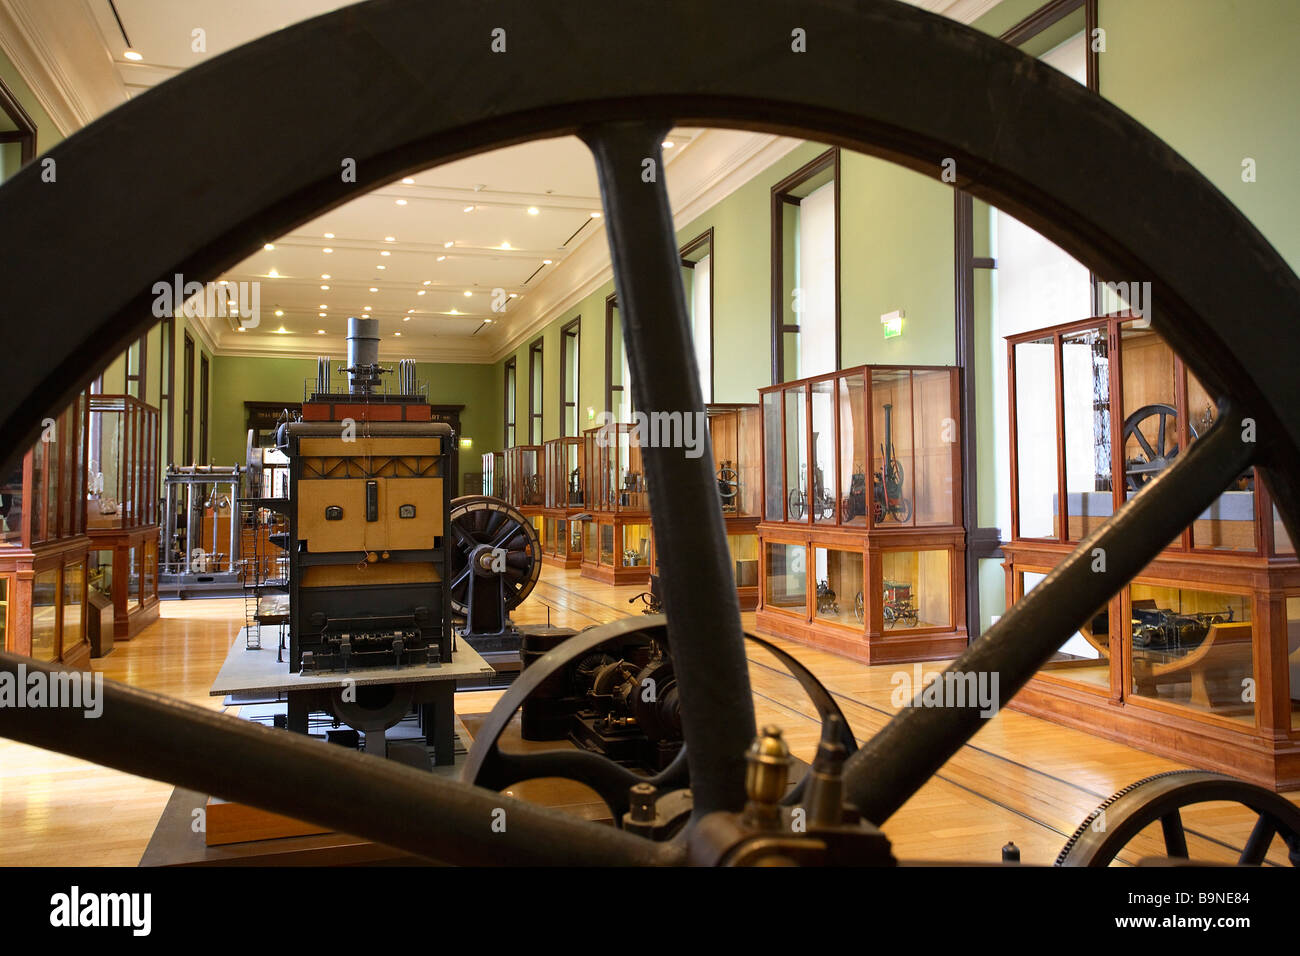 LENOIR ' S ENGINE IN ARTS ET METIERS MUSEUM PARIS - Stock Image